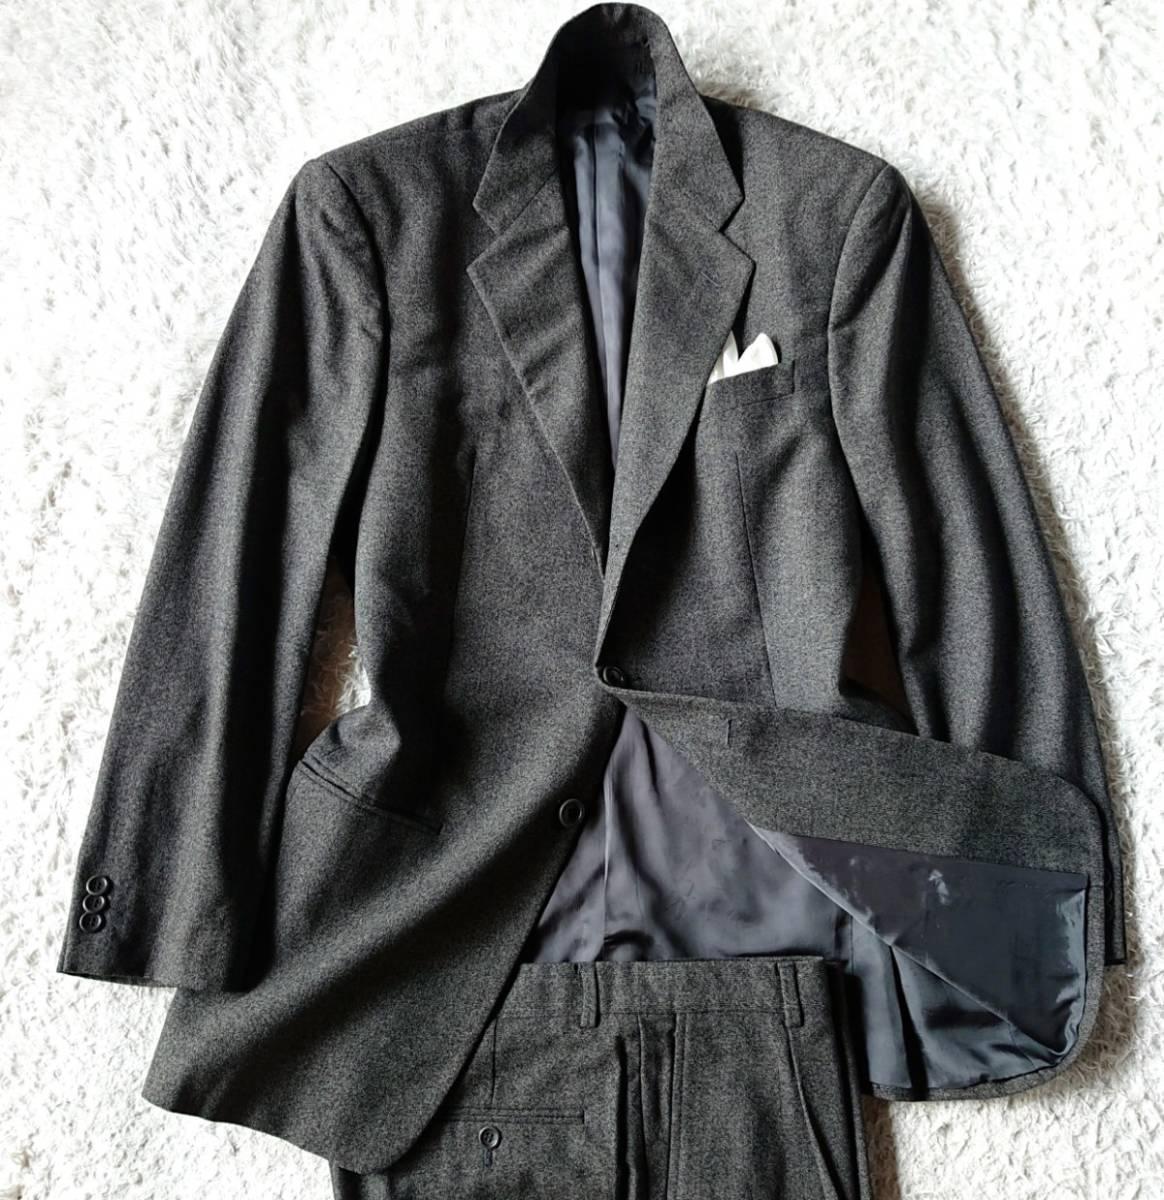 最高級ビジネスライン 極上ヴァージンウール100% 柔らか高級な肌触★ アルマーニ コレツィオーニ スーツ セットアップ メンズ ダークグレー